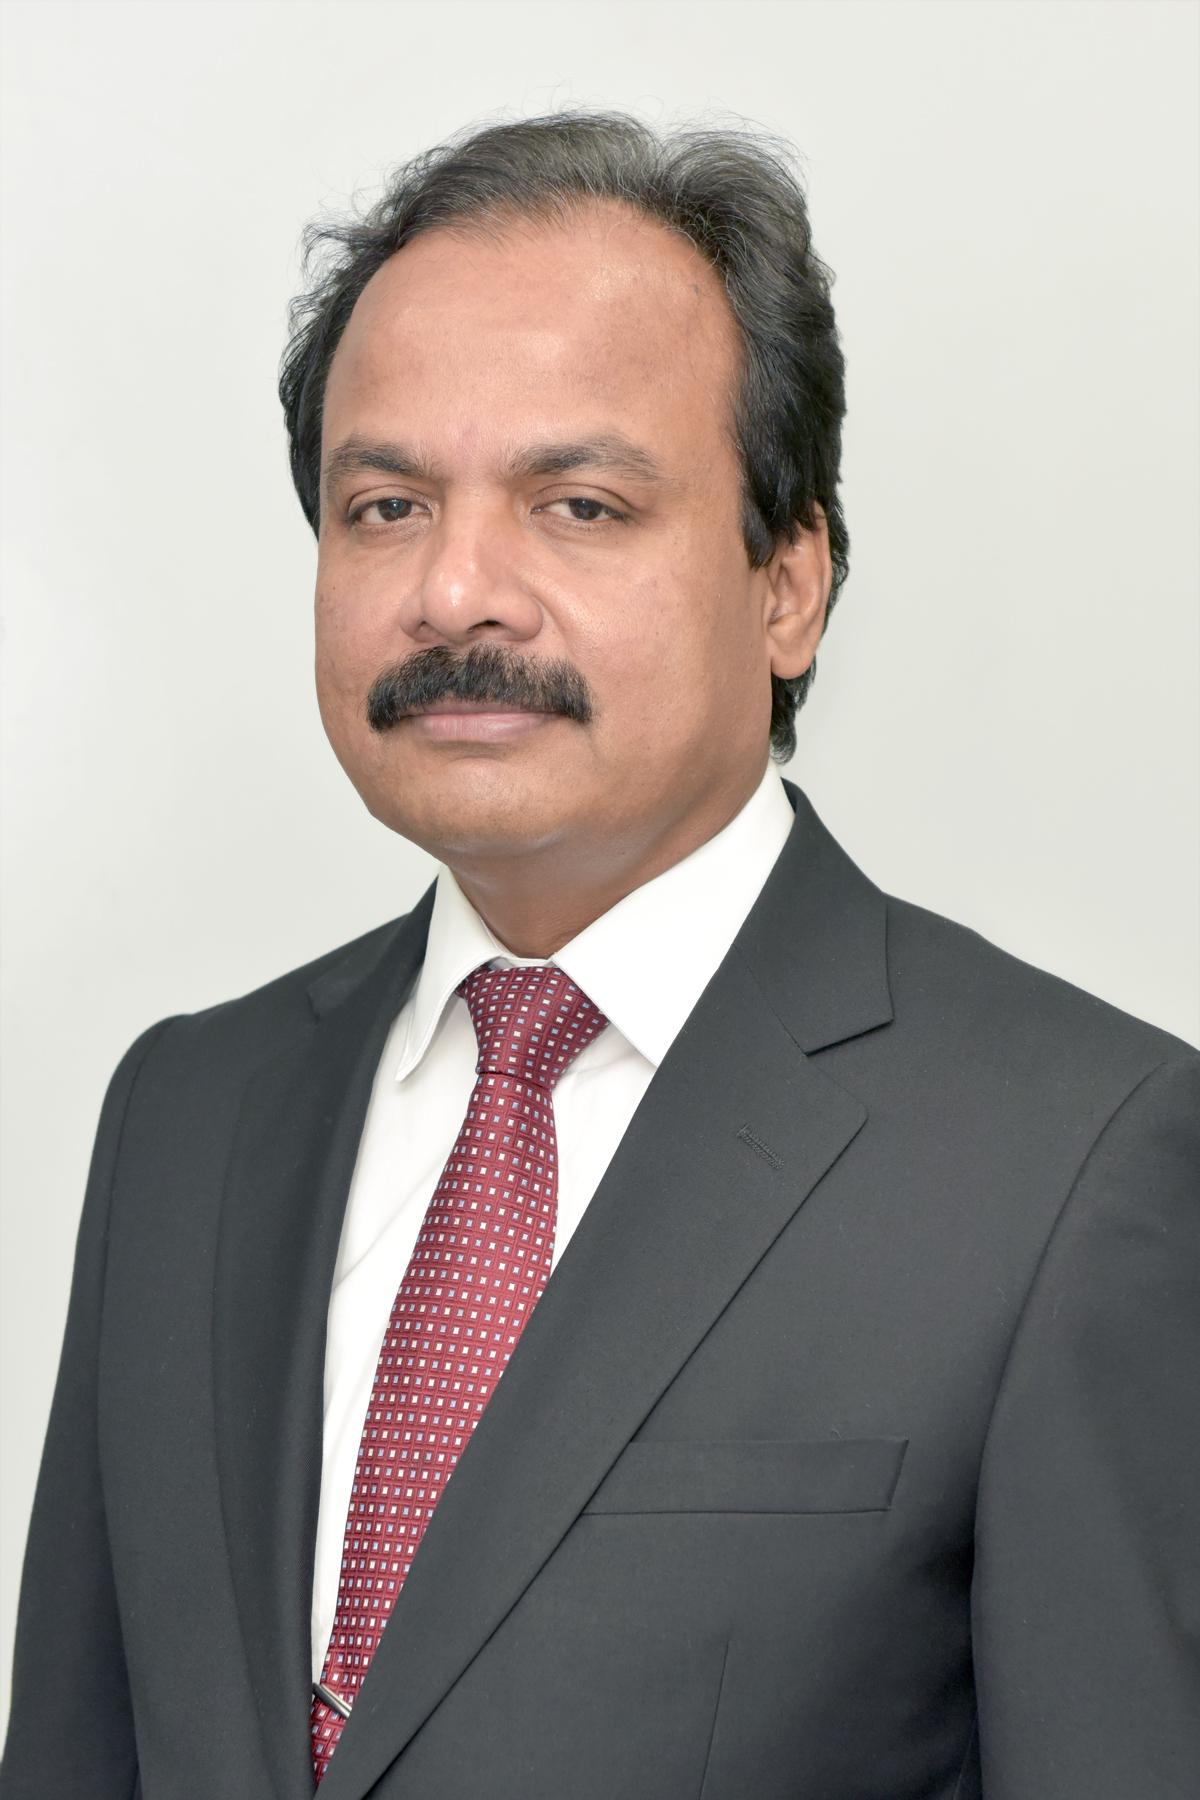 S Ravi Shankar